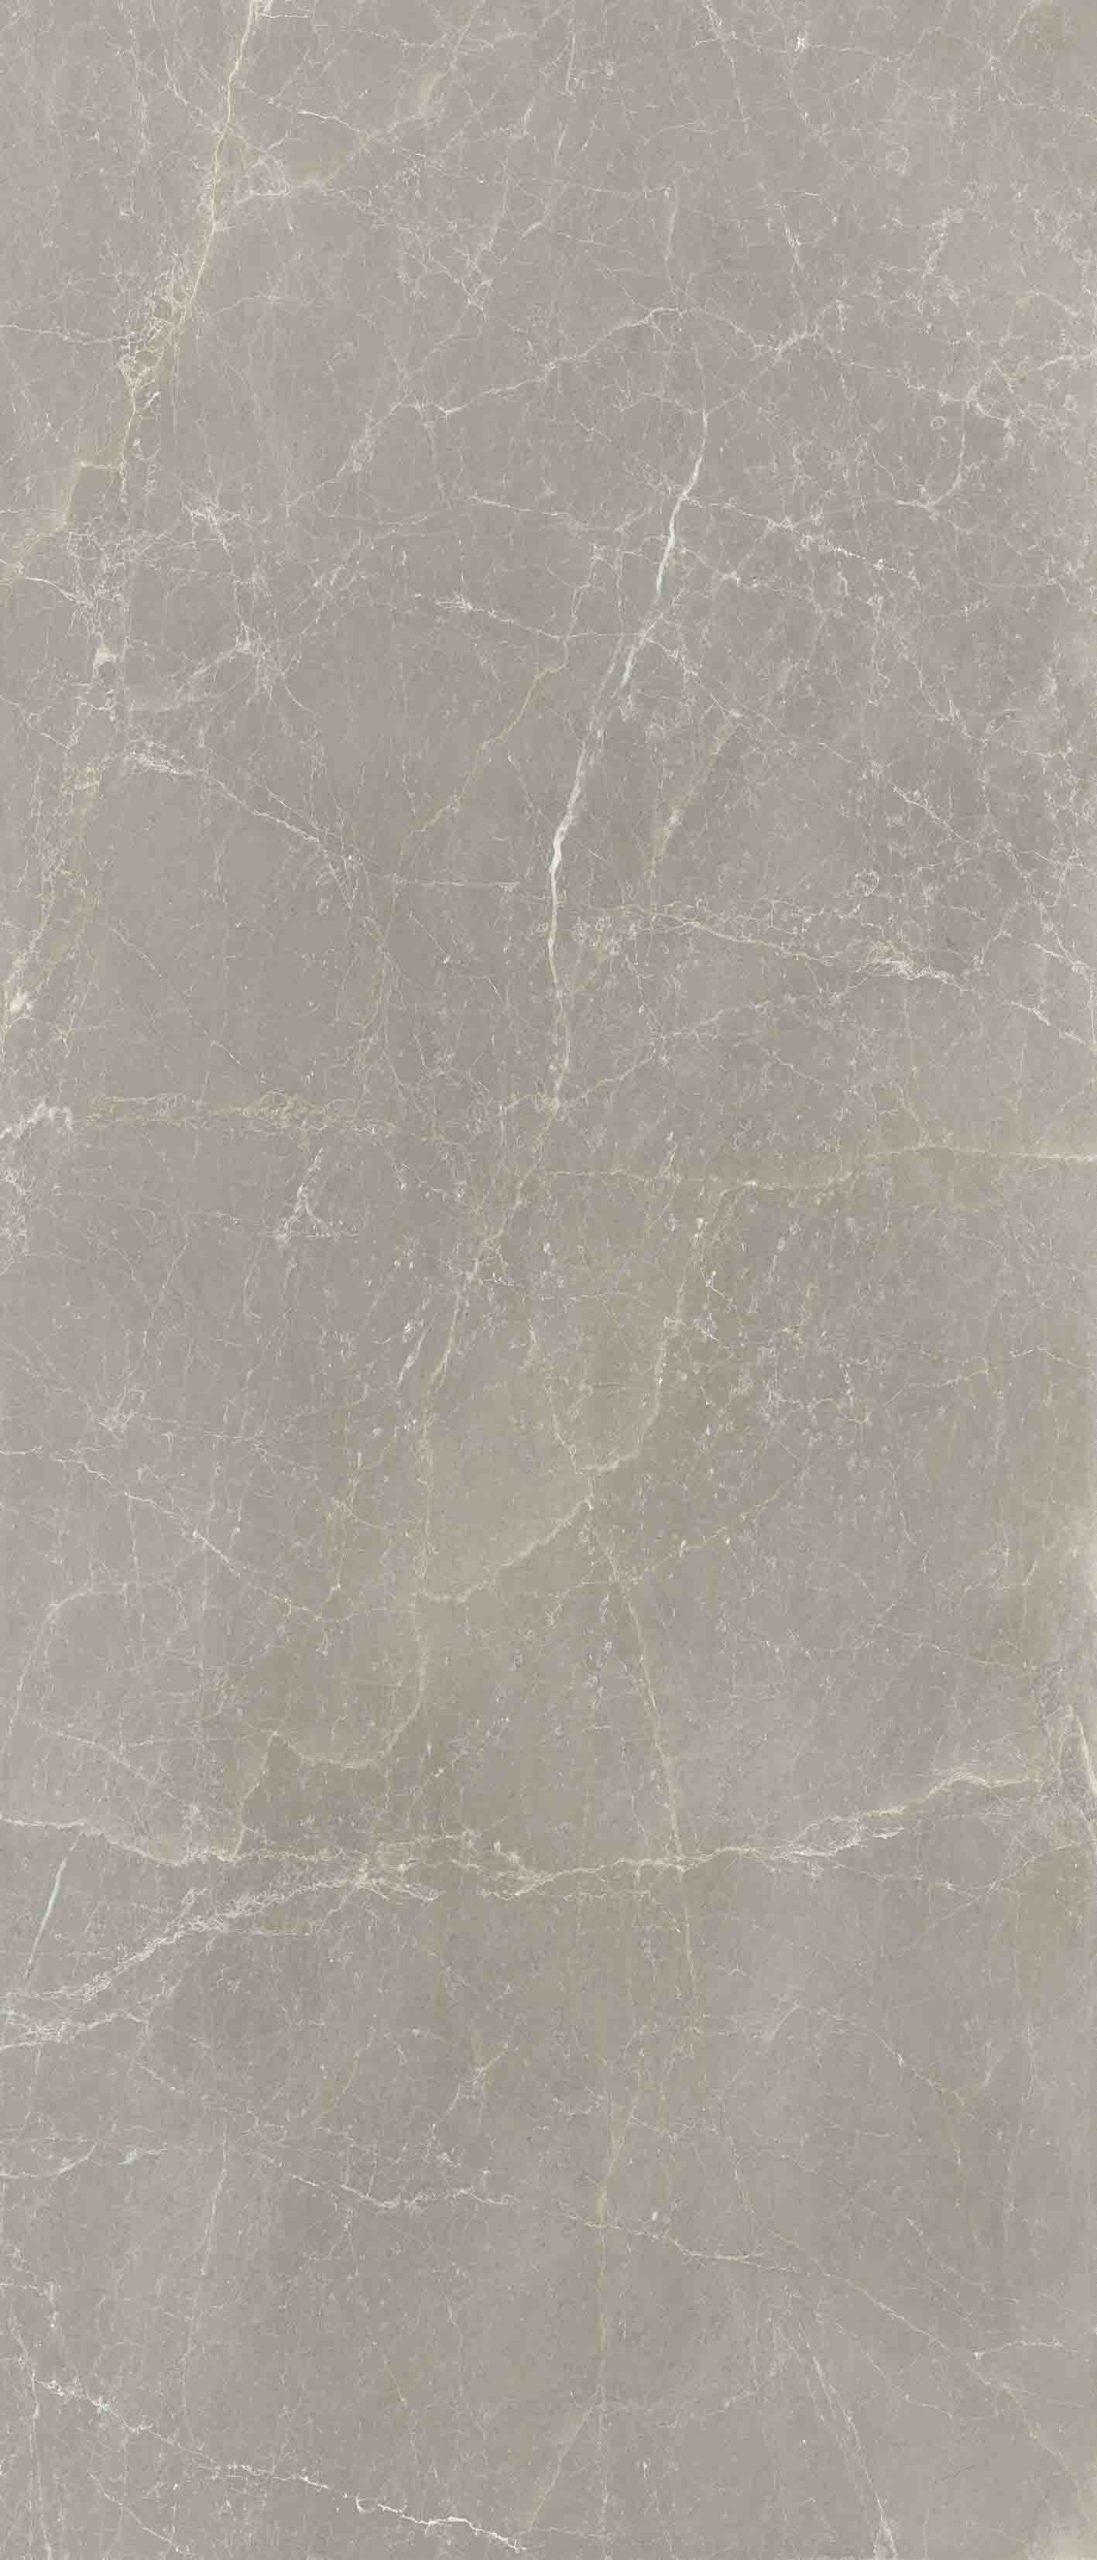 Stontech 4.0 Stone 05 Glossy 6mm 120 x 280